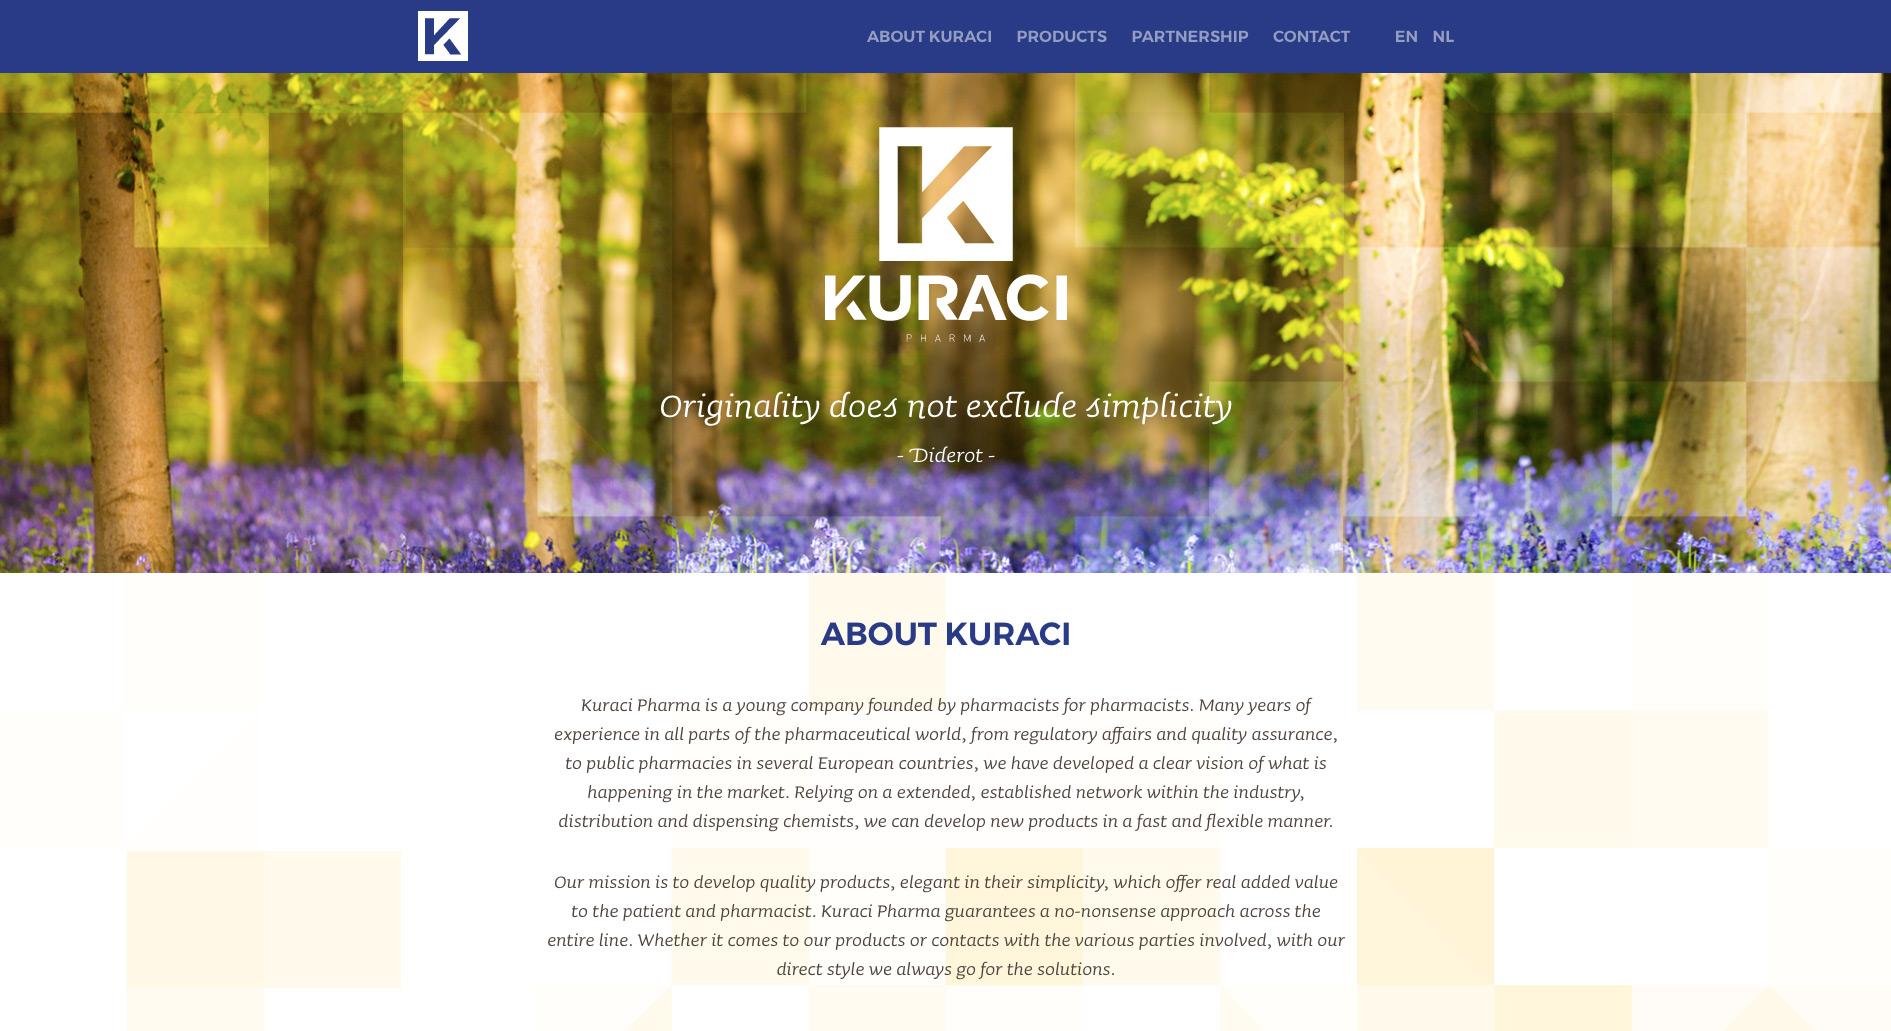 Kuraci